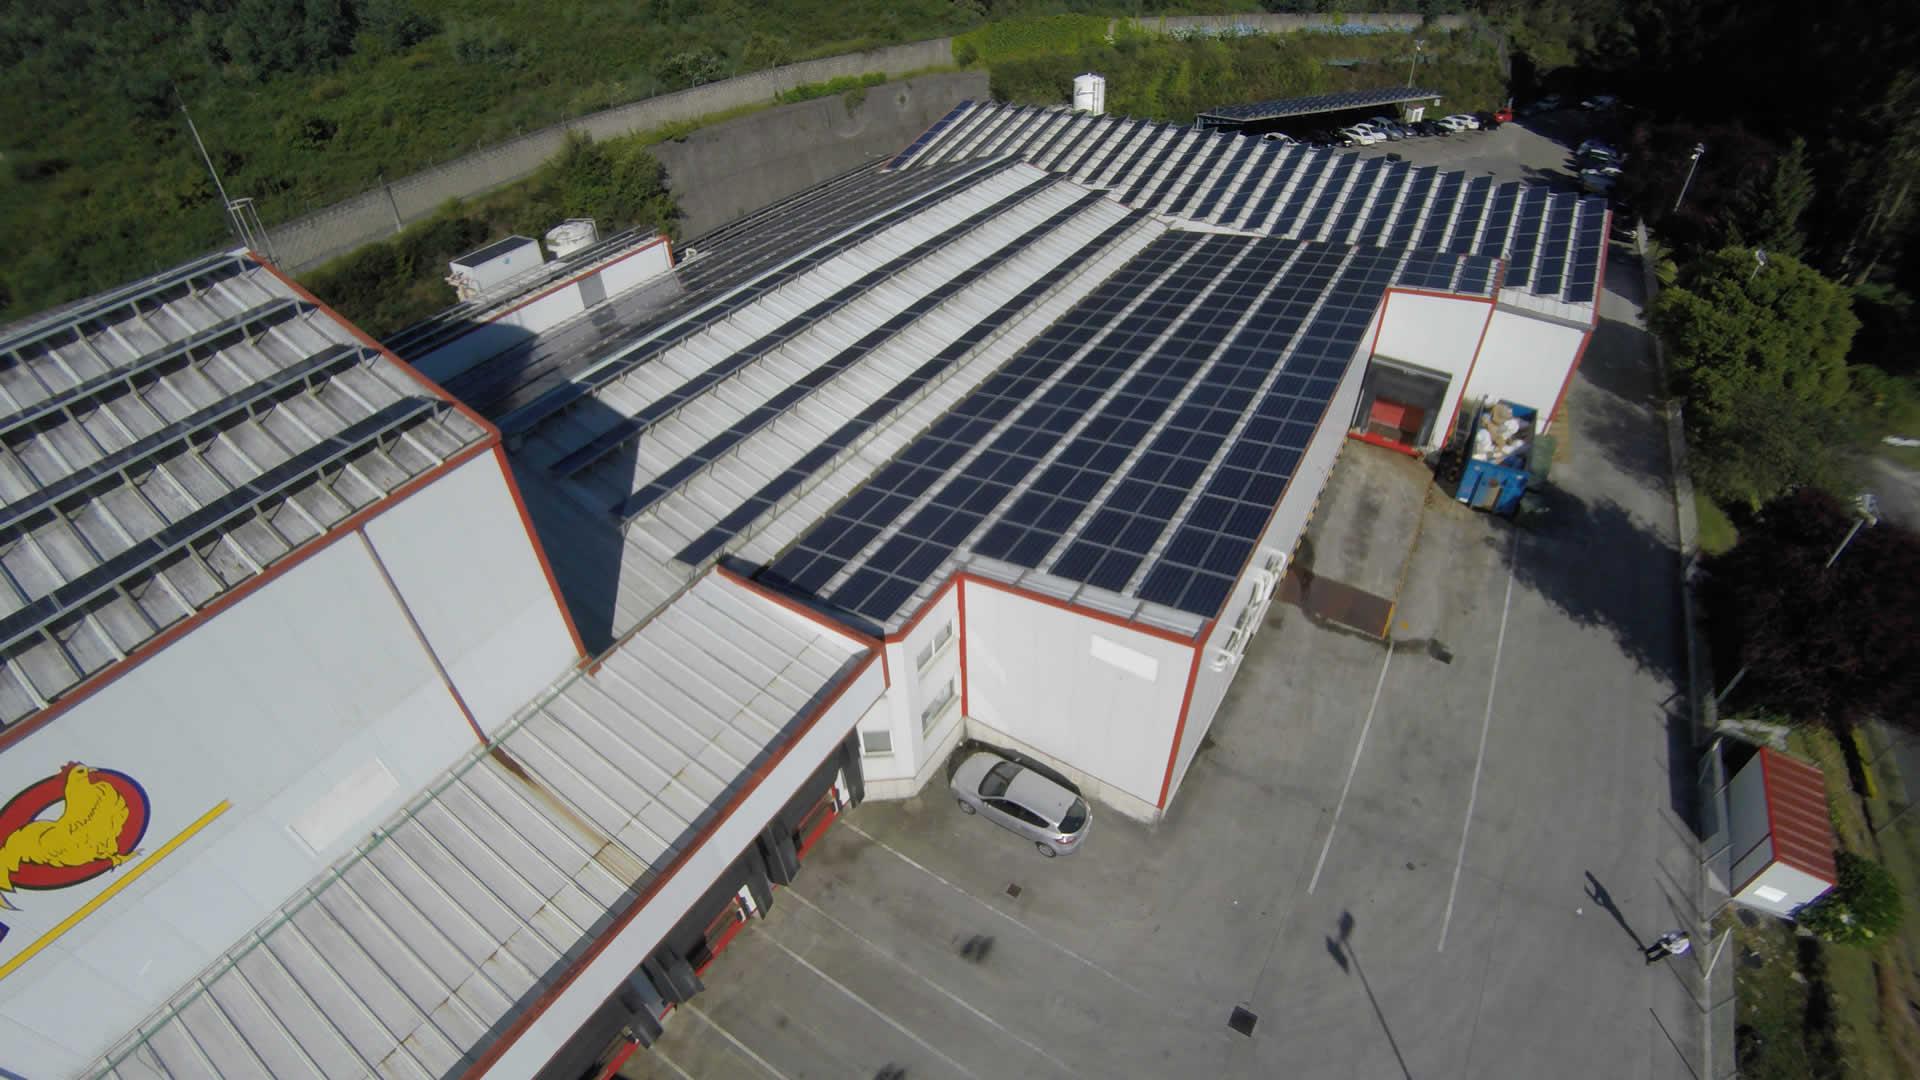 edf-solar-fotovoltaica-energia-avicola-lago-9